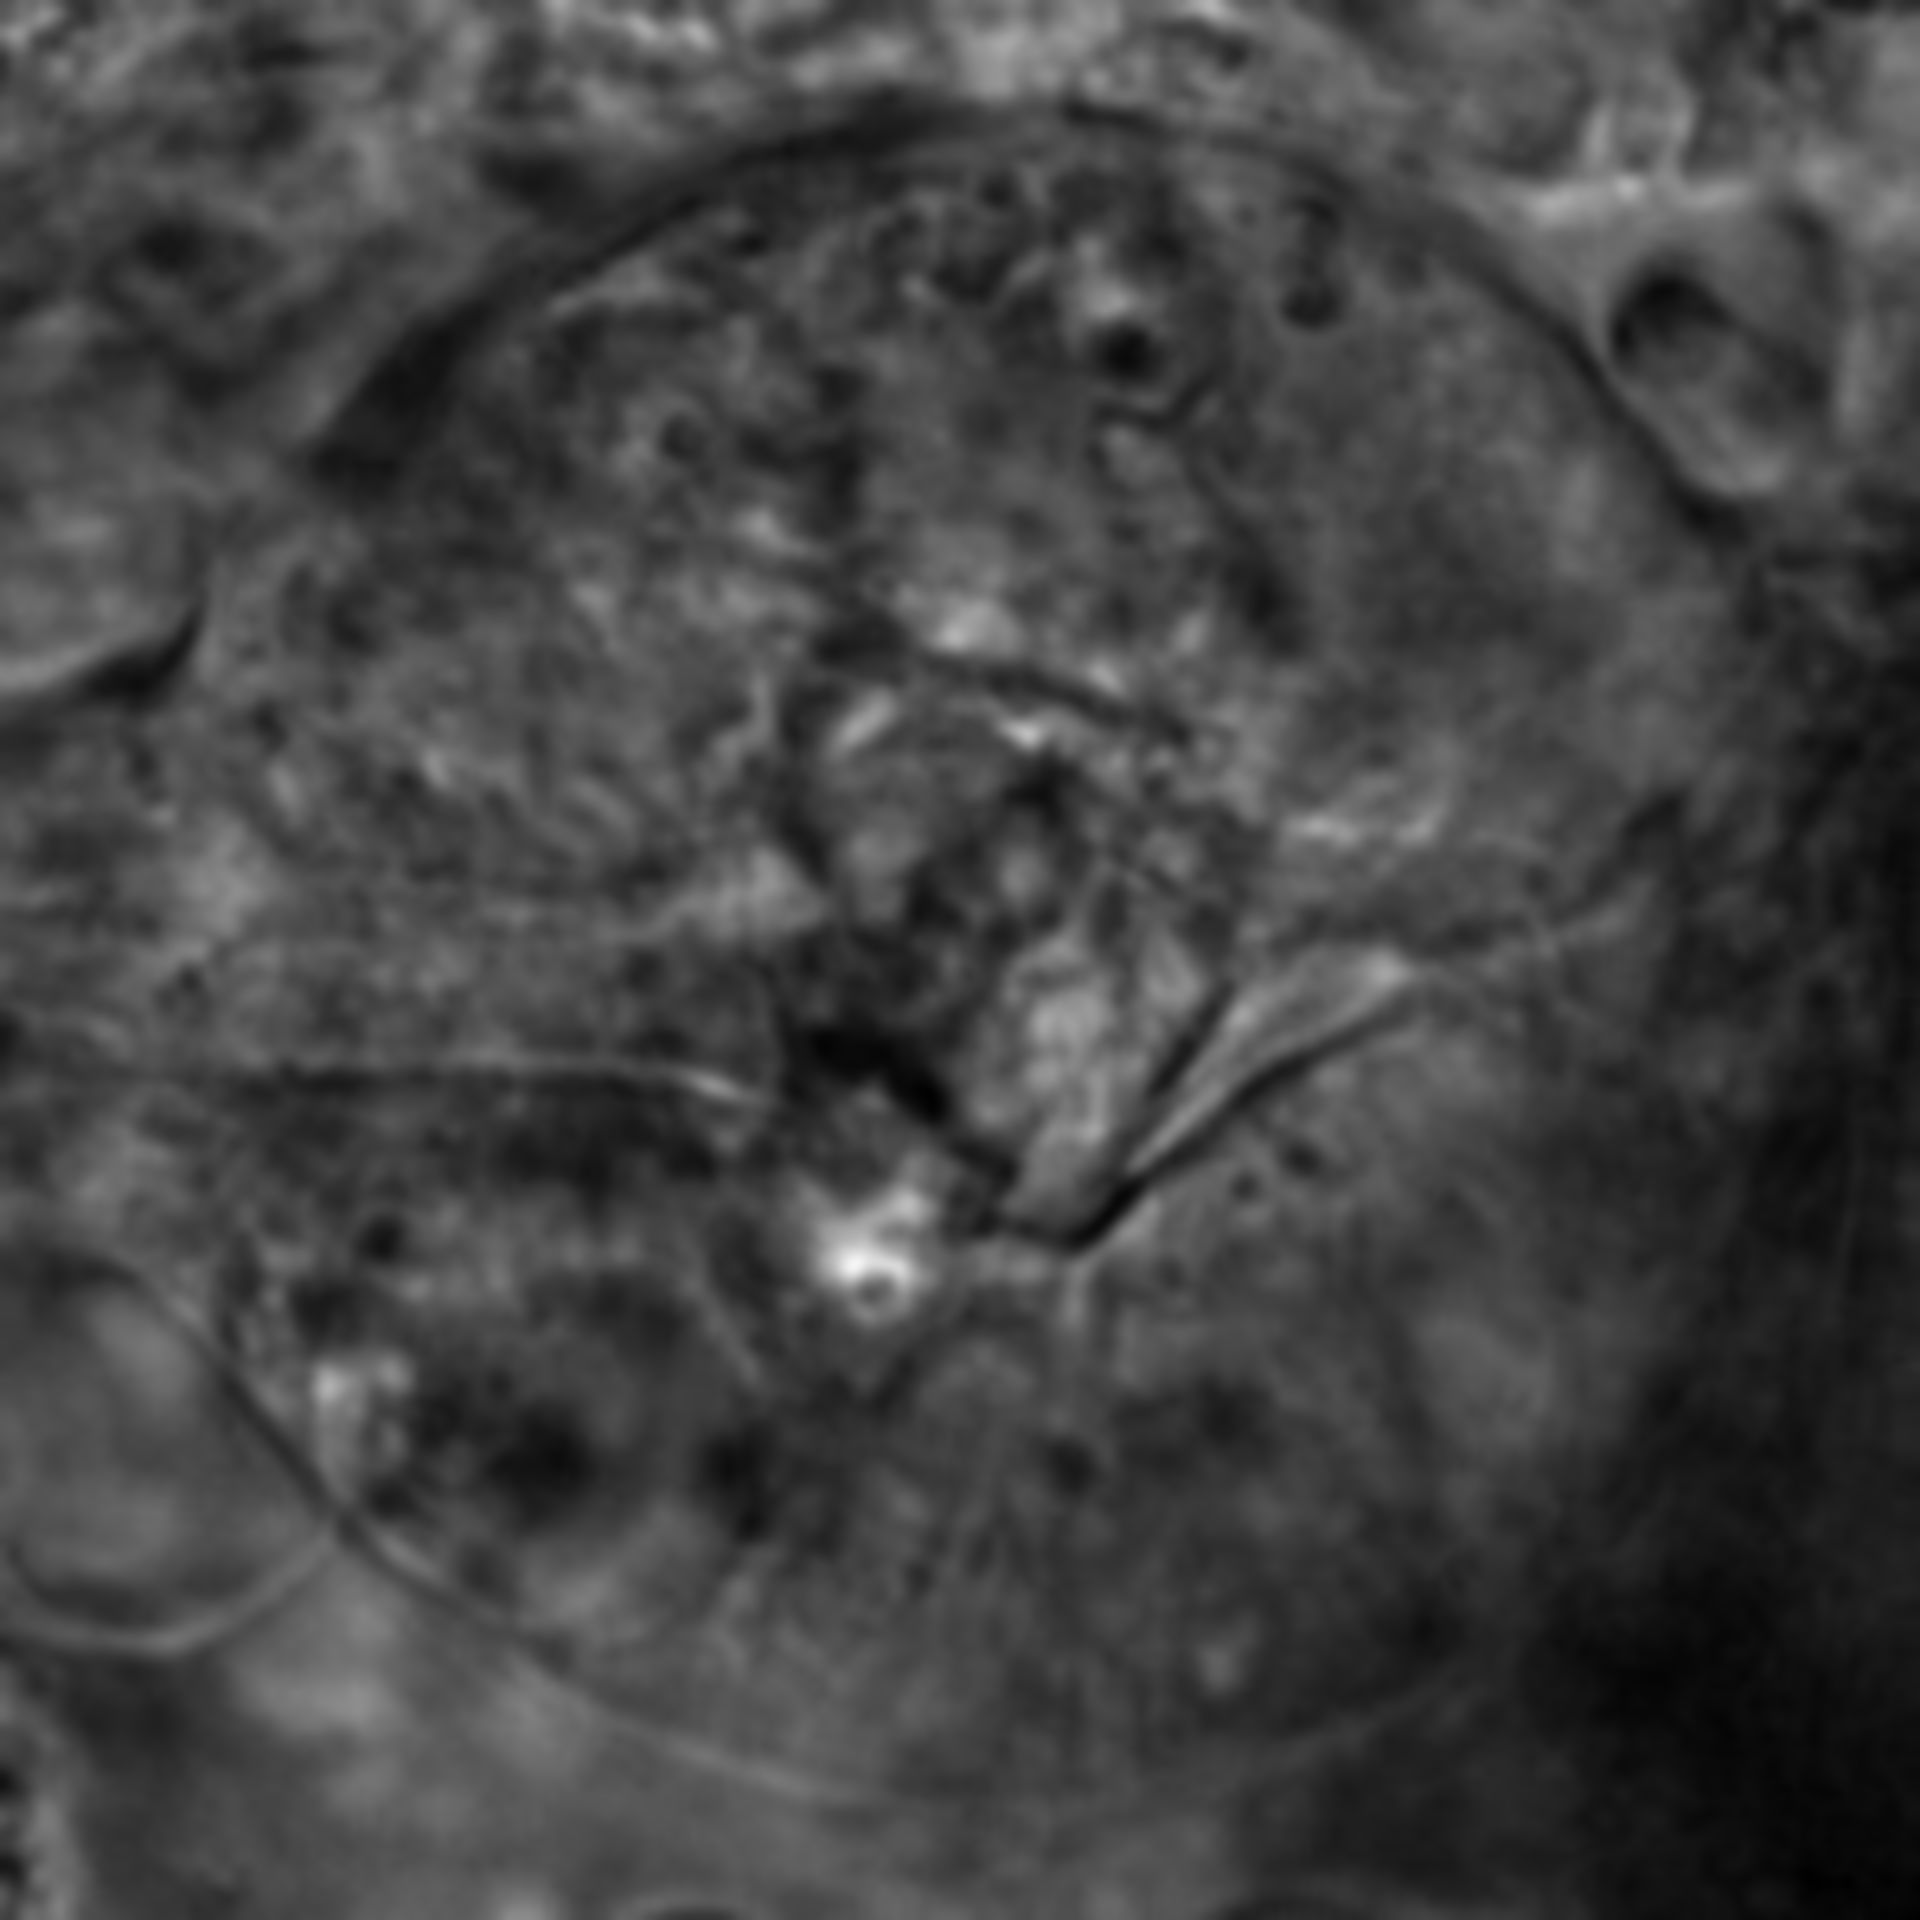 Caenorhabditis elegans - CIL:2658